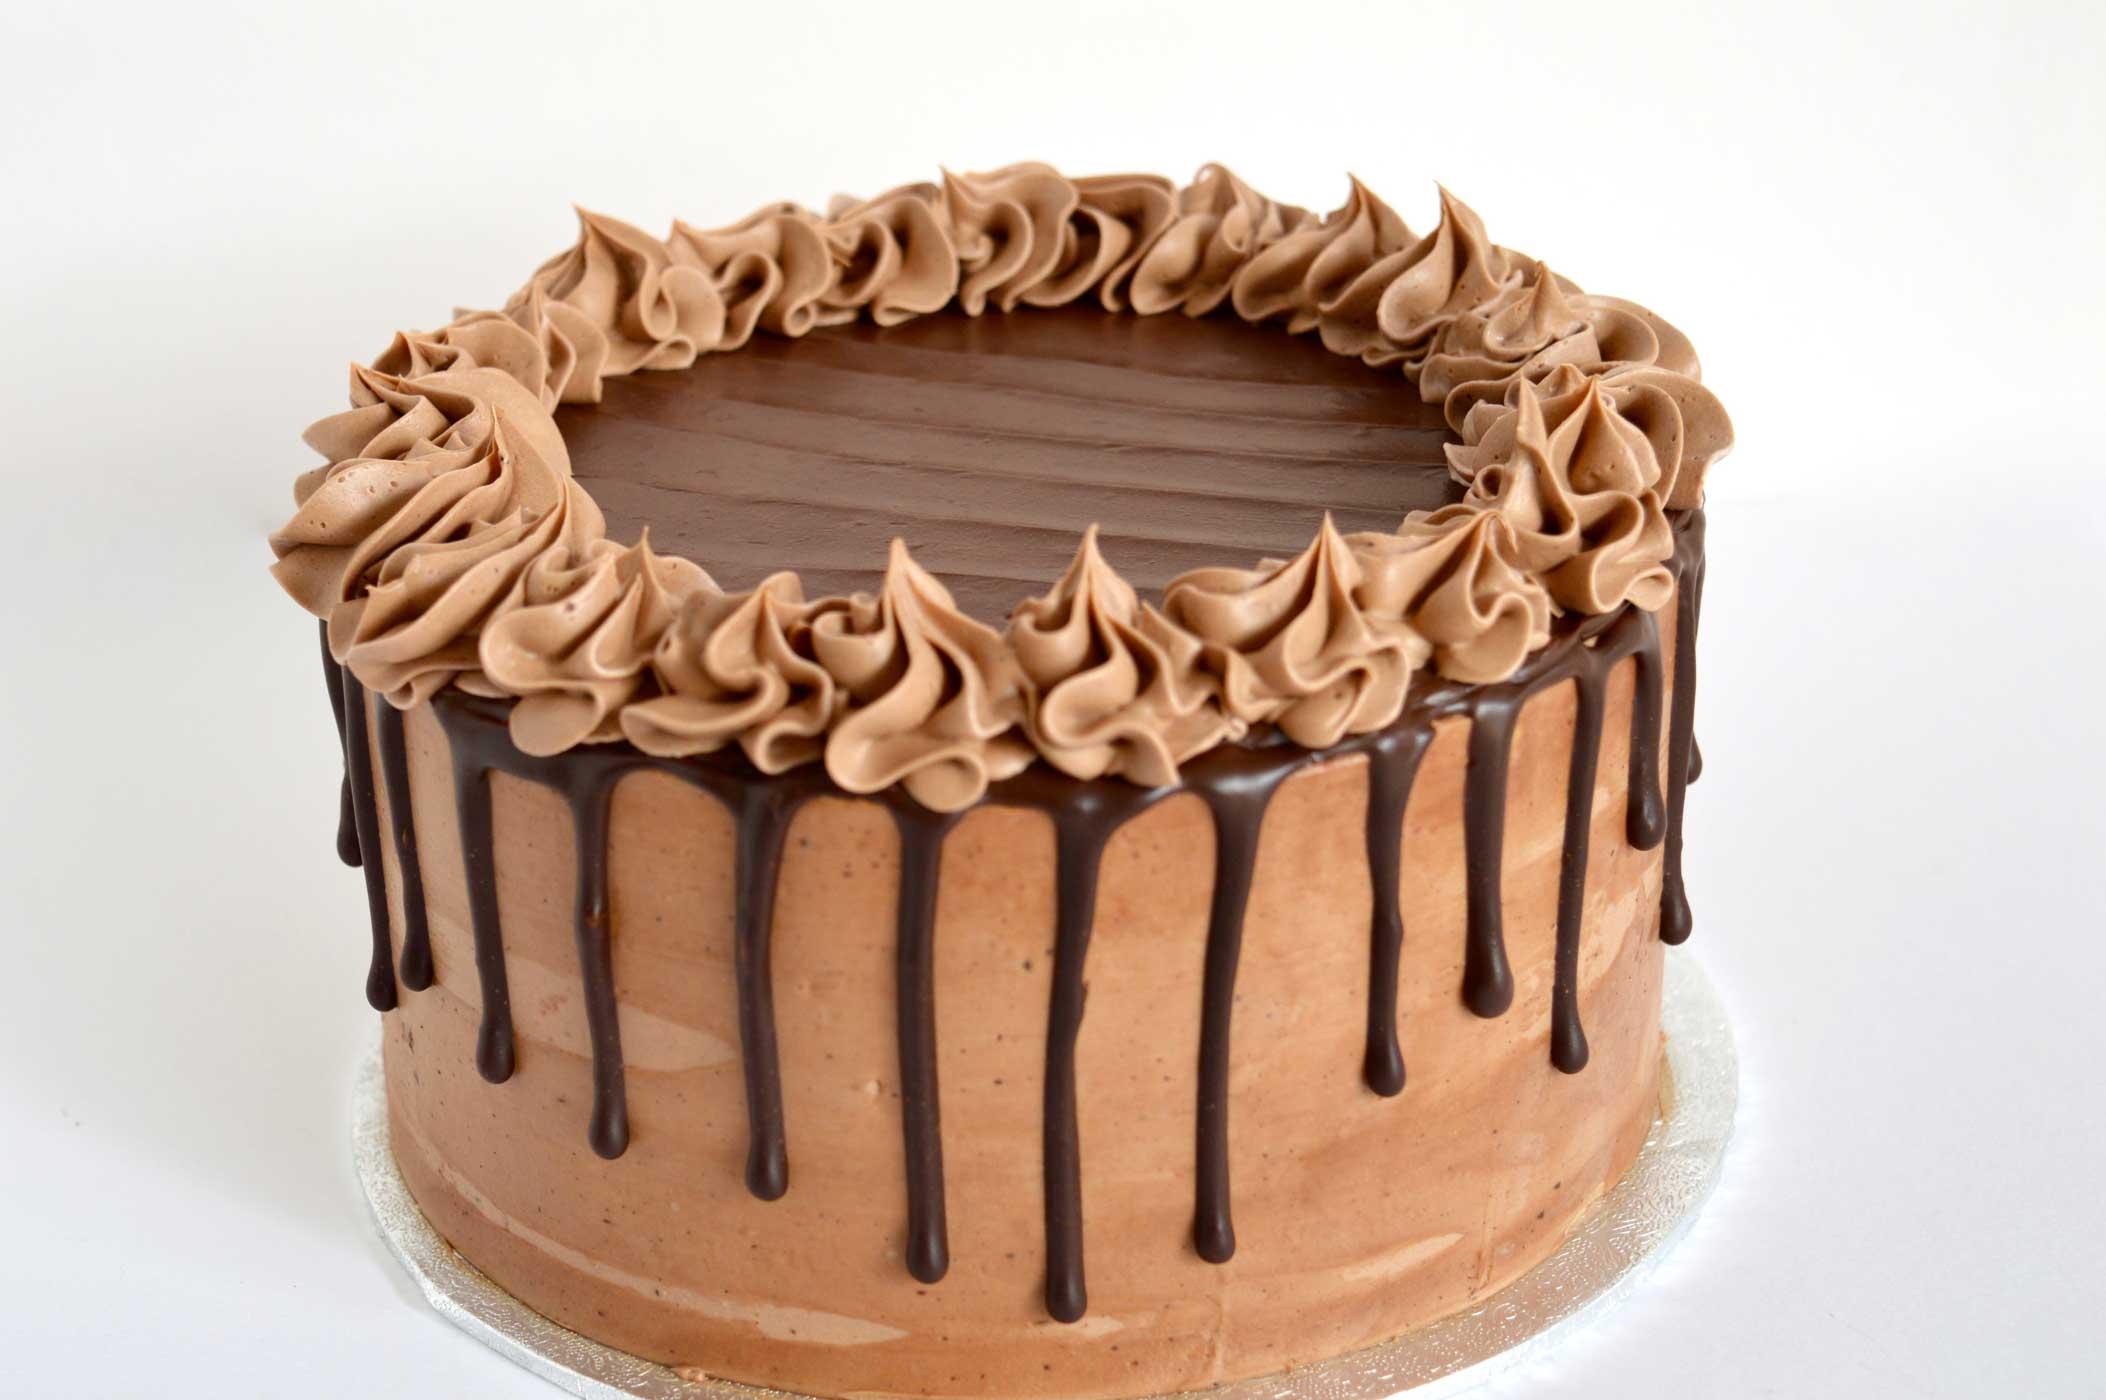 chocolate cake order, dripcake order